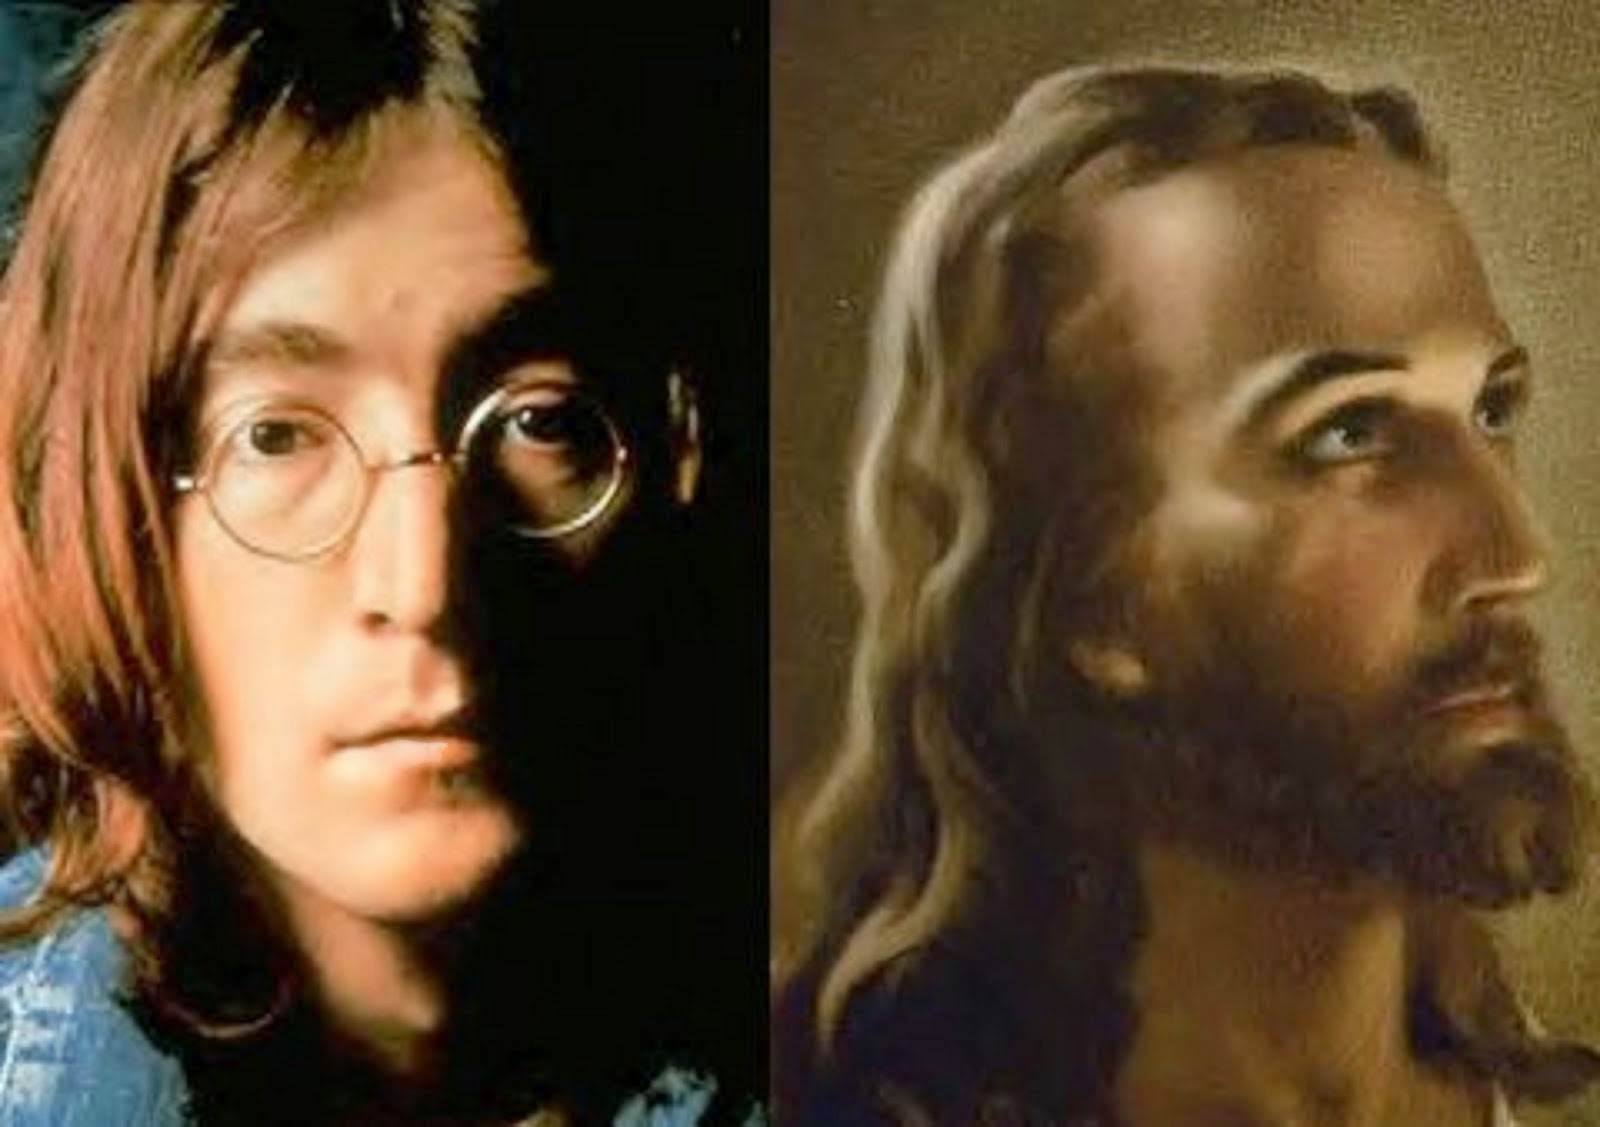 BEATLE JOHN LENNON VS JESUS CHRIST